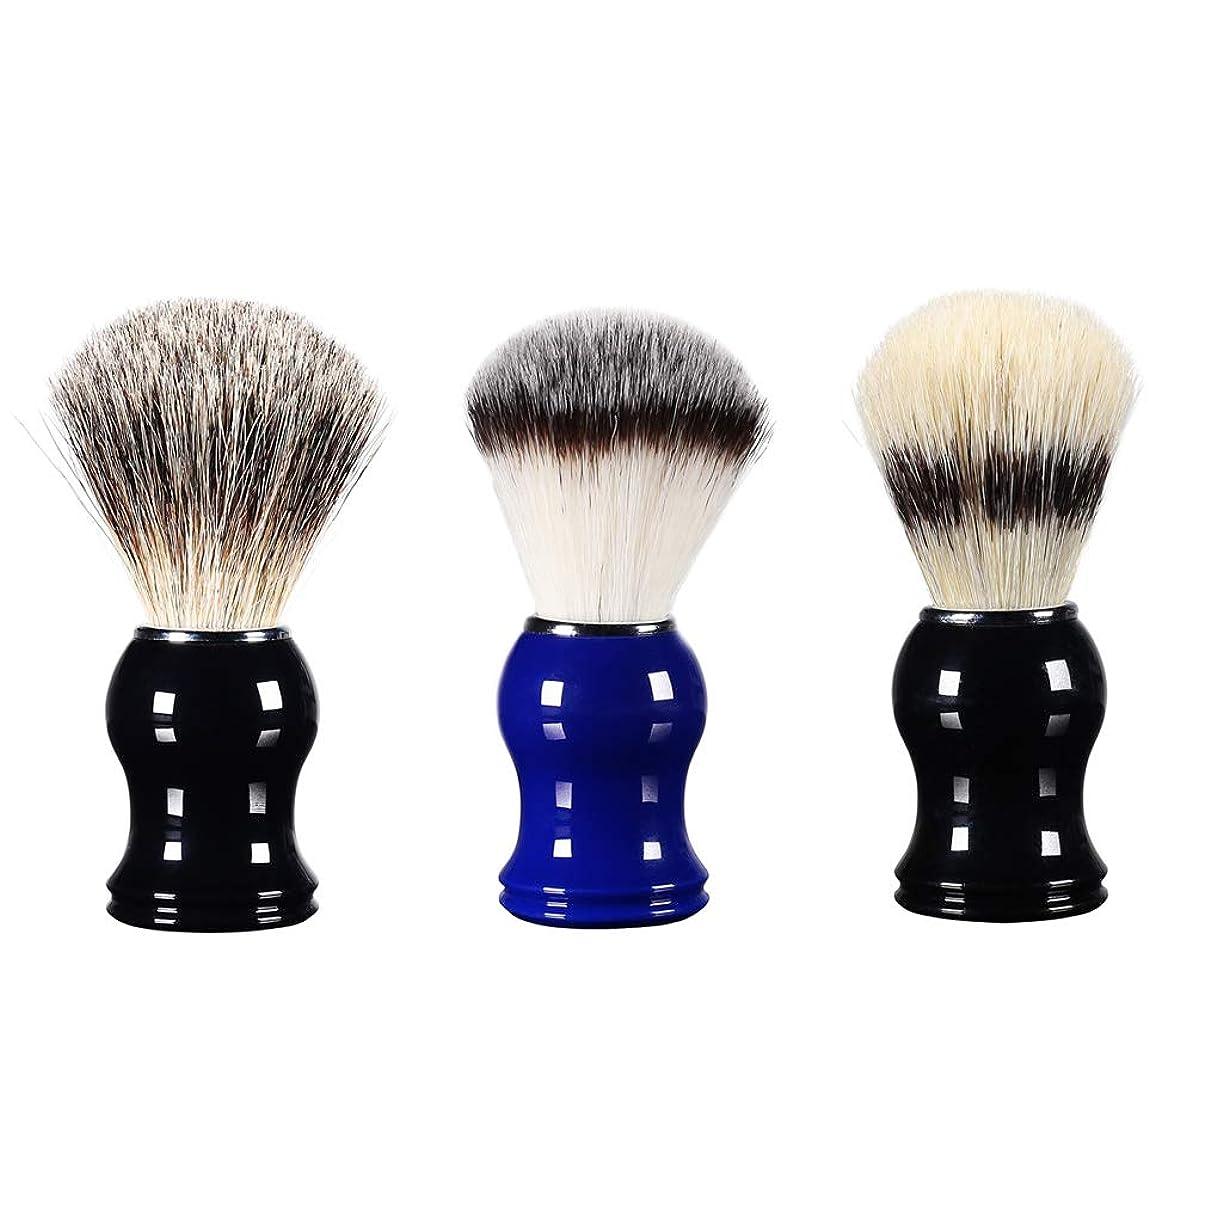 クラブ差別化するシーサイドchiwanji 3個 男性用 シェービング用ブラシ 理容 洗顔 髭剃り 泡立ち アクセサリー